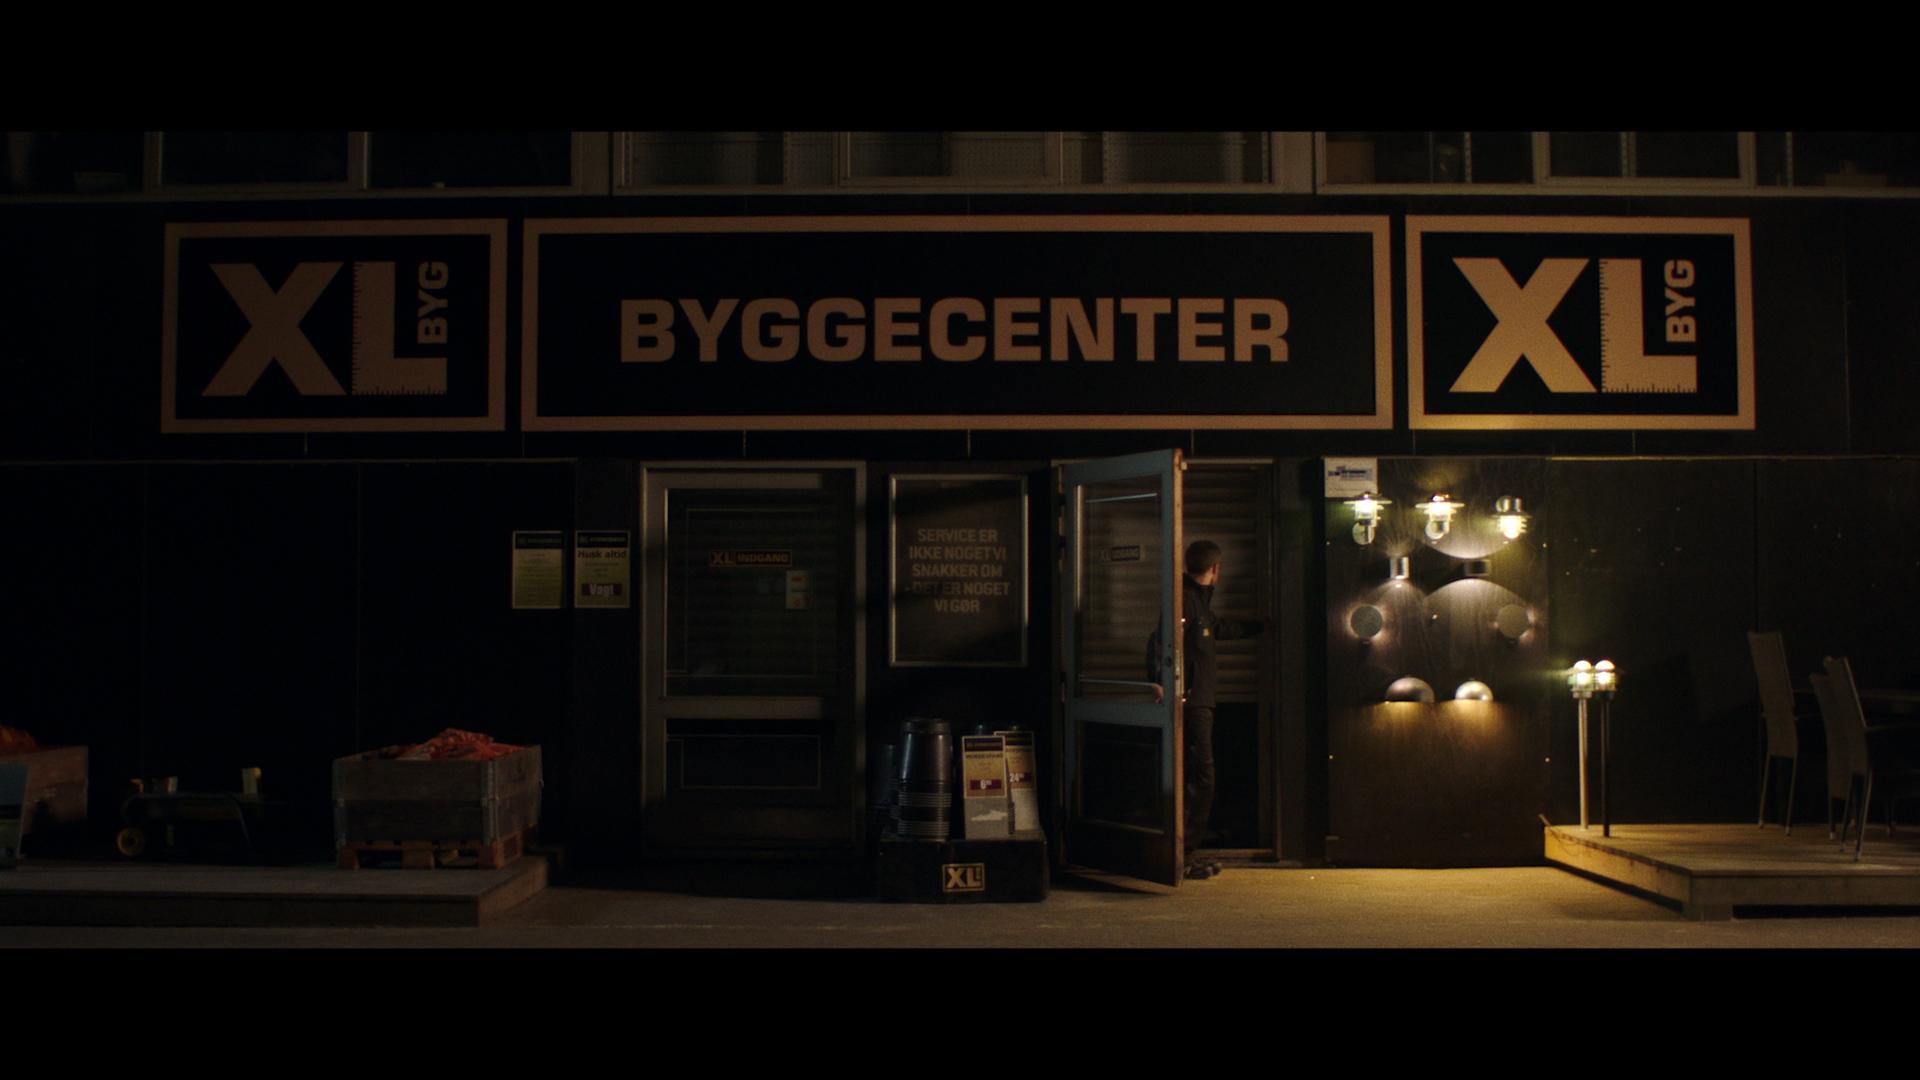 XL_Byg_Image_Film3_16_40s_42268.mov.00_00_00_00.Still001